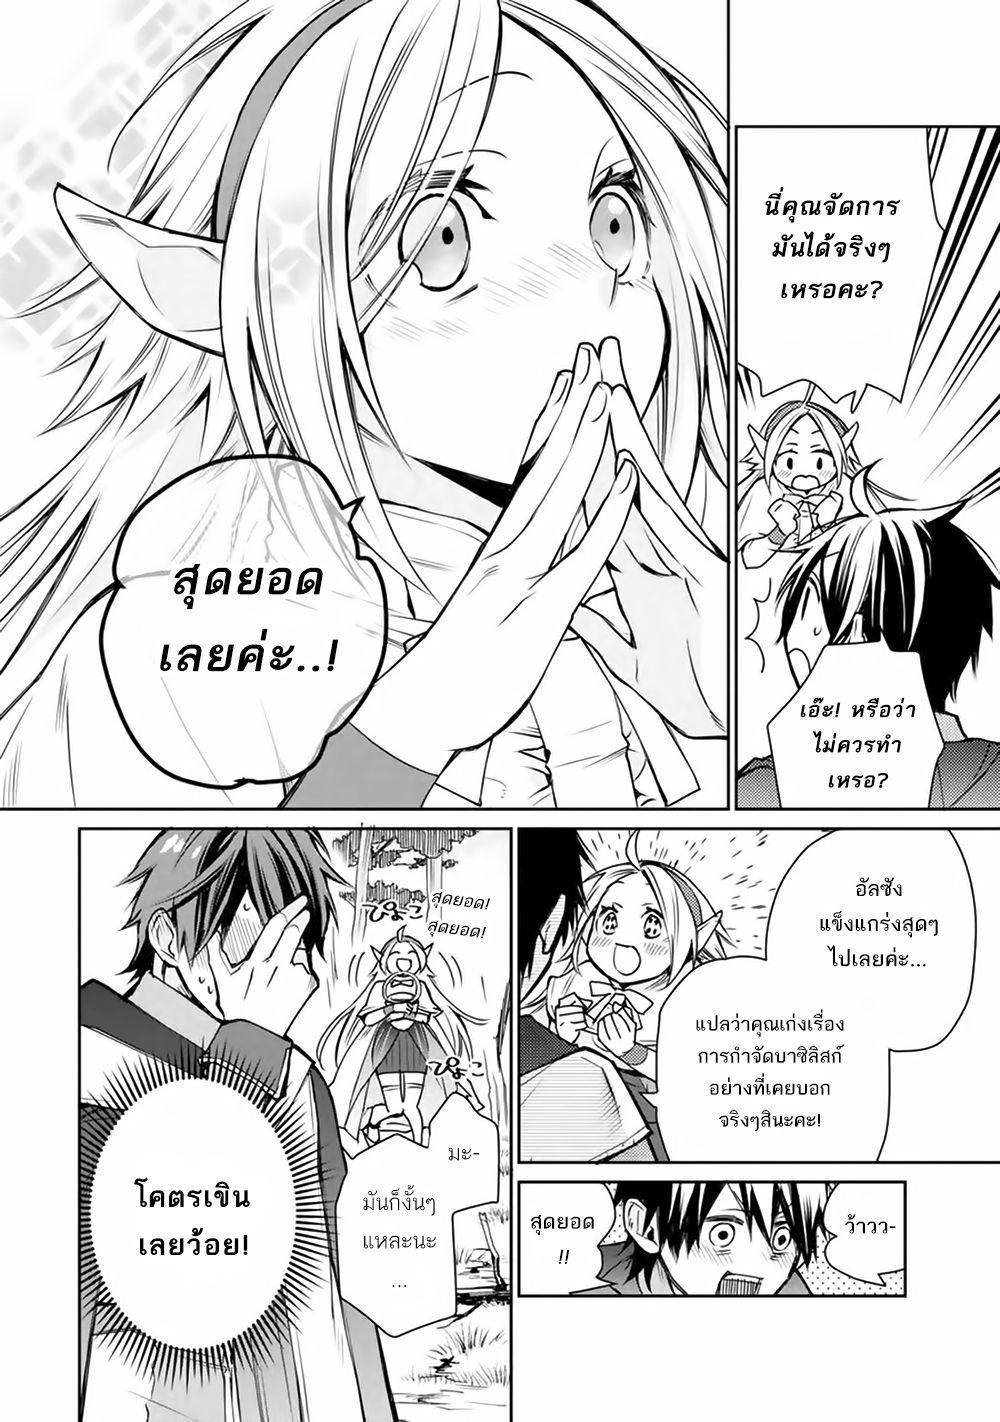 อ่านการ์ตูน Saikyo no mado-shi. Hiza ni ya o ukete shimattanode inaka no eihei ni naru ตอนที่ 1.3 หน้าที่ 8